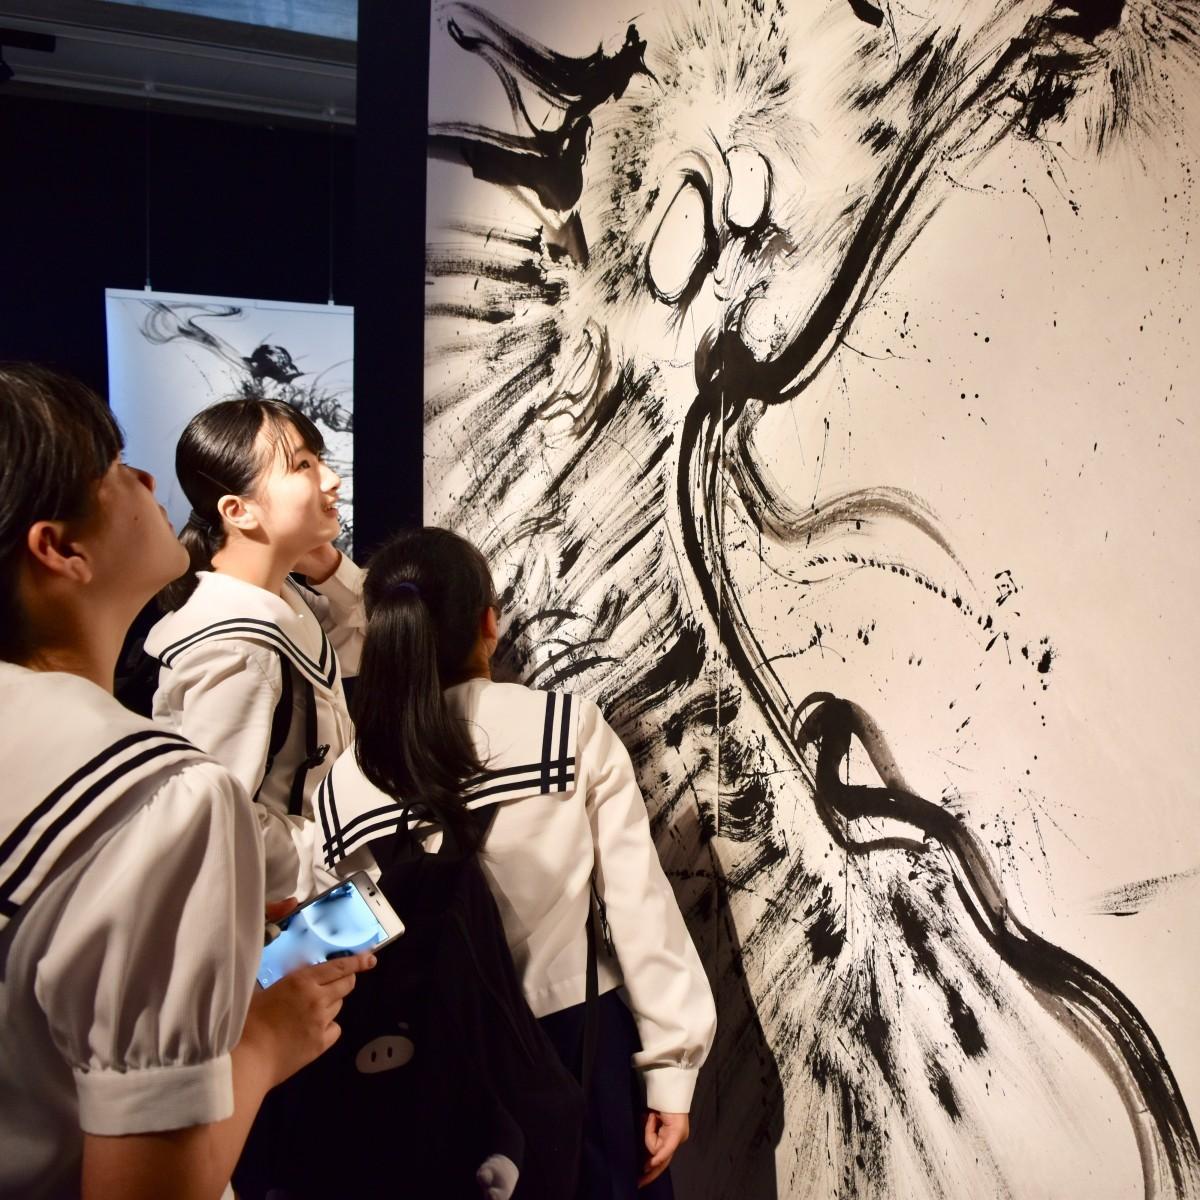 躍動感あふれる作品が並ぶ「西元祐貴 龍のキセキ」展